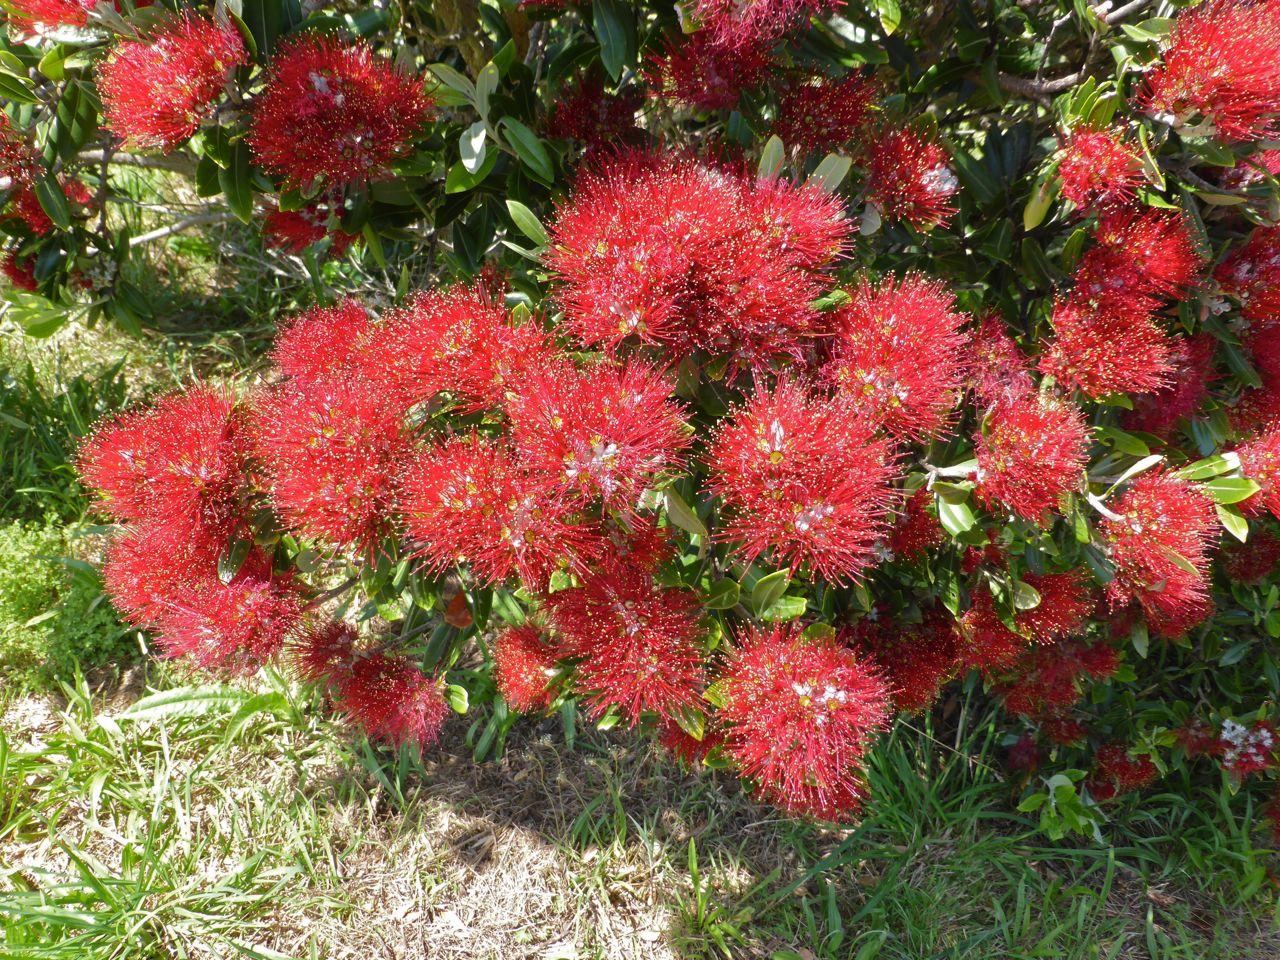 Potutukawa's, de kerstboom van NZ